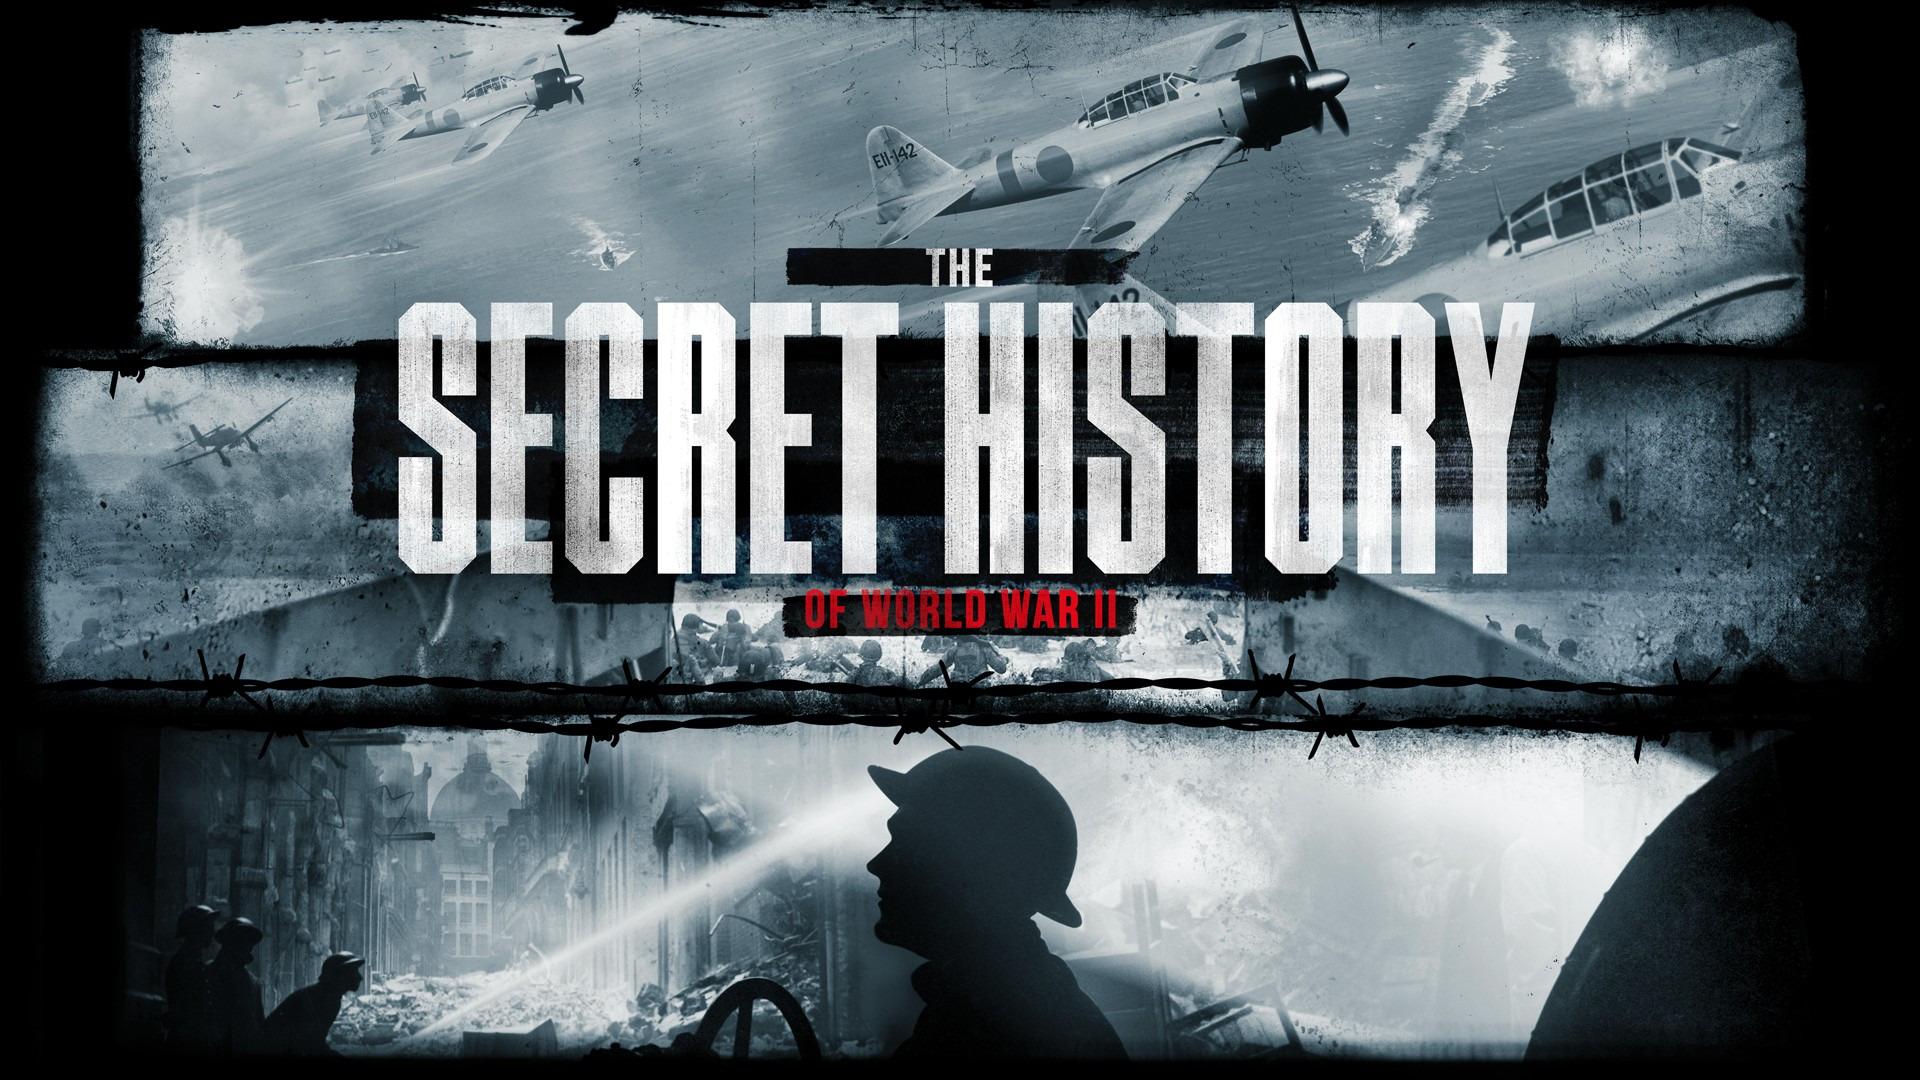 Сериал The Secret History of World War II